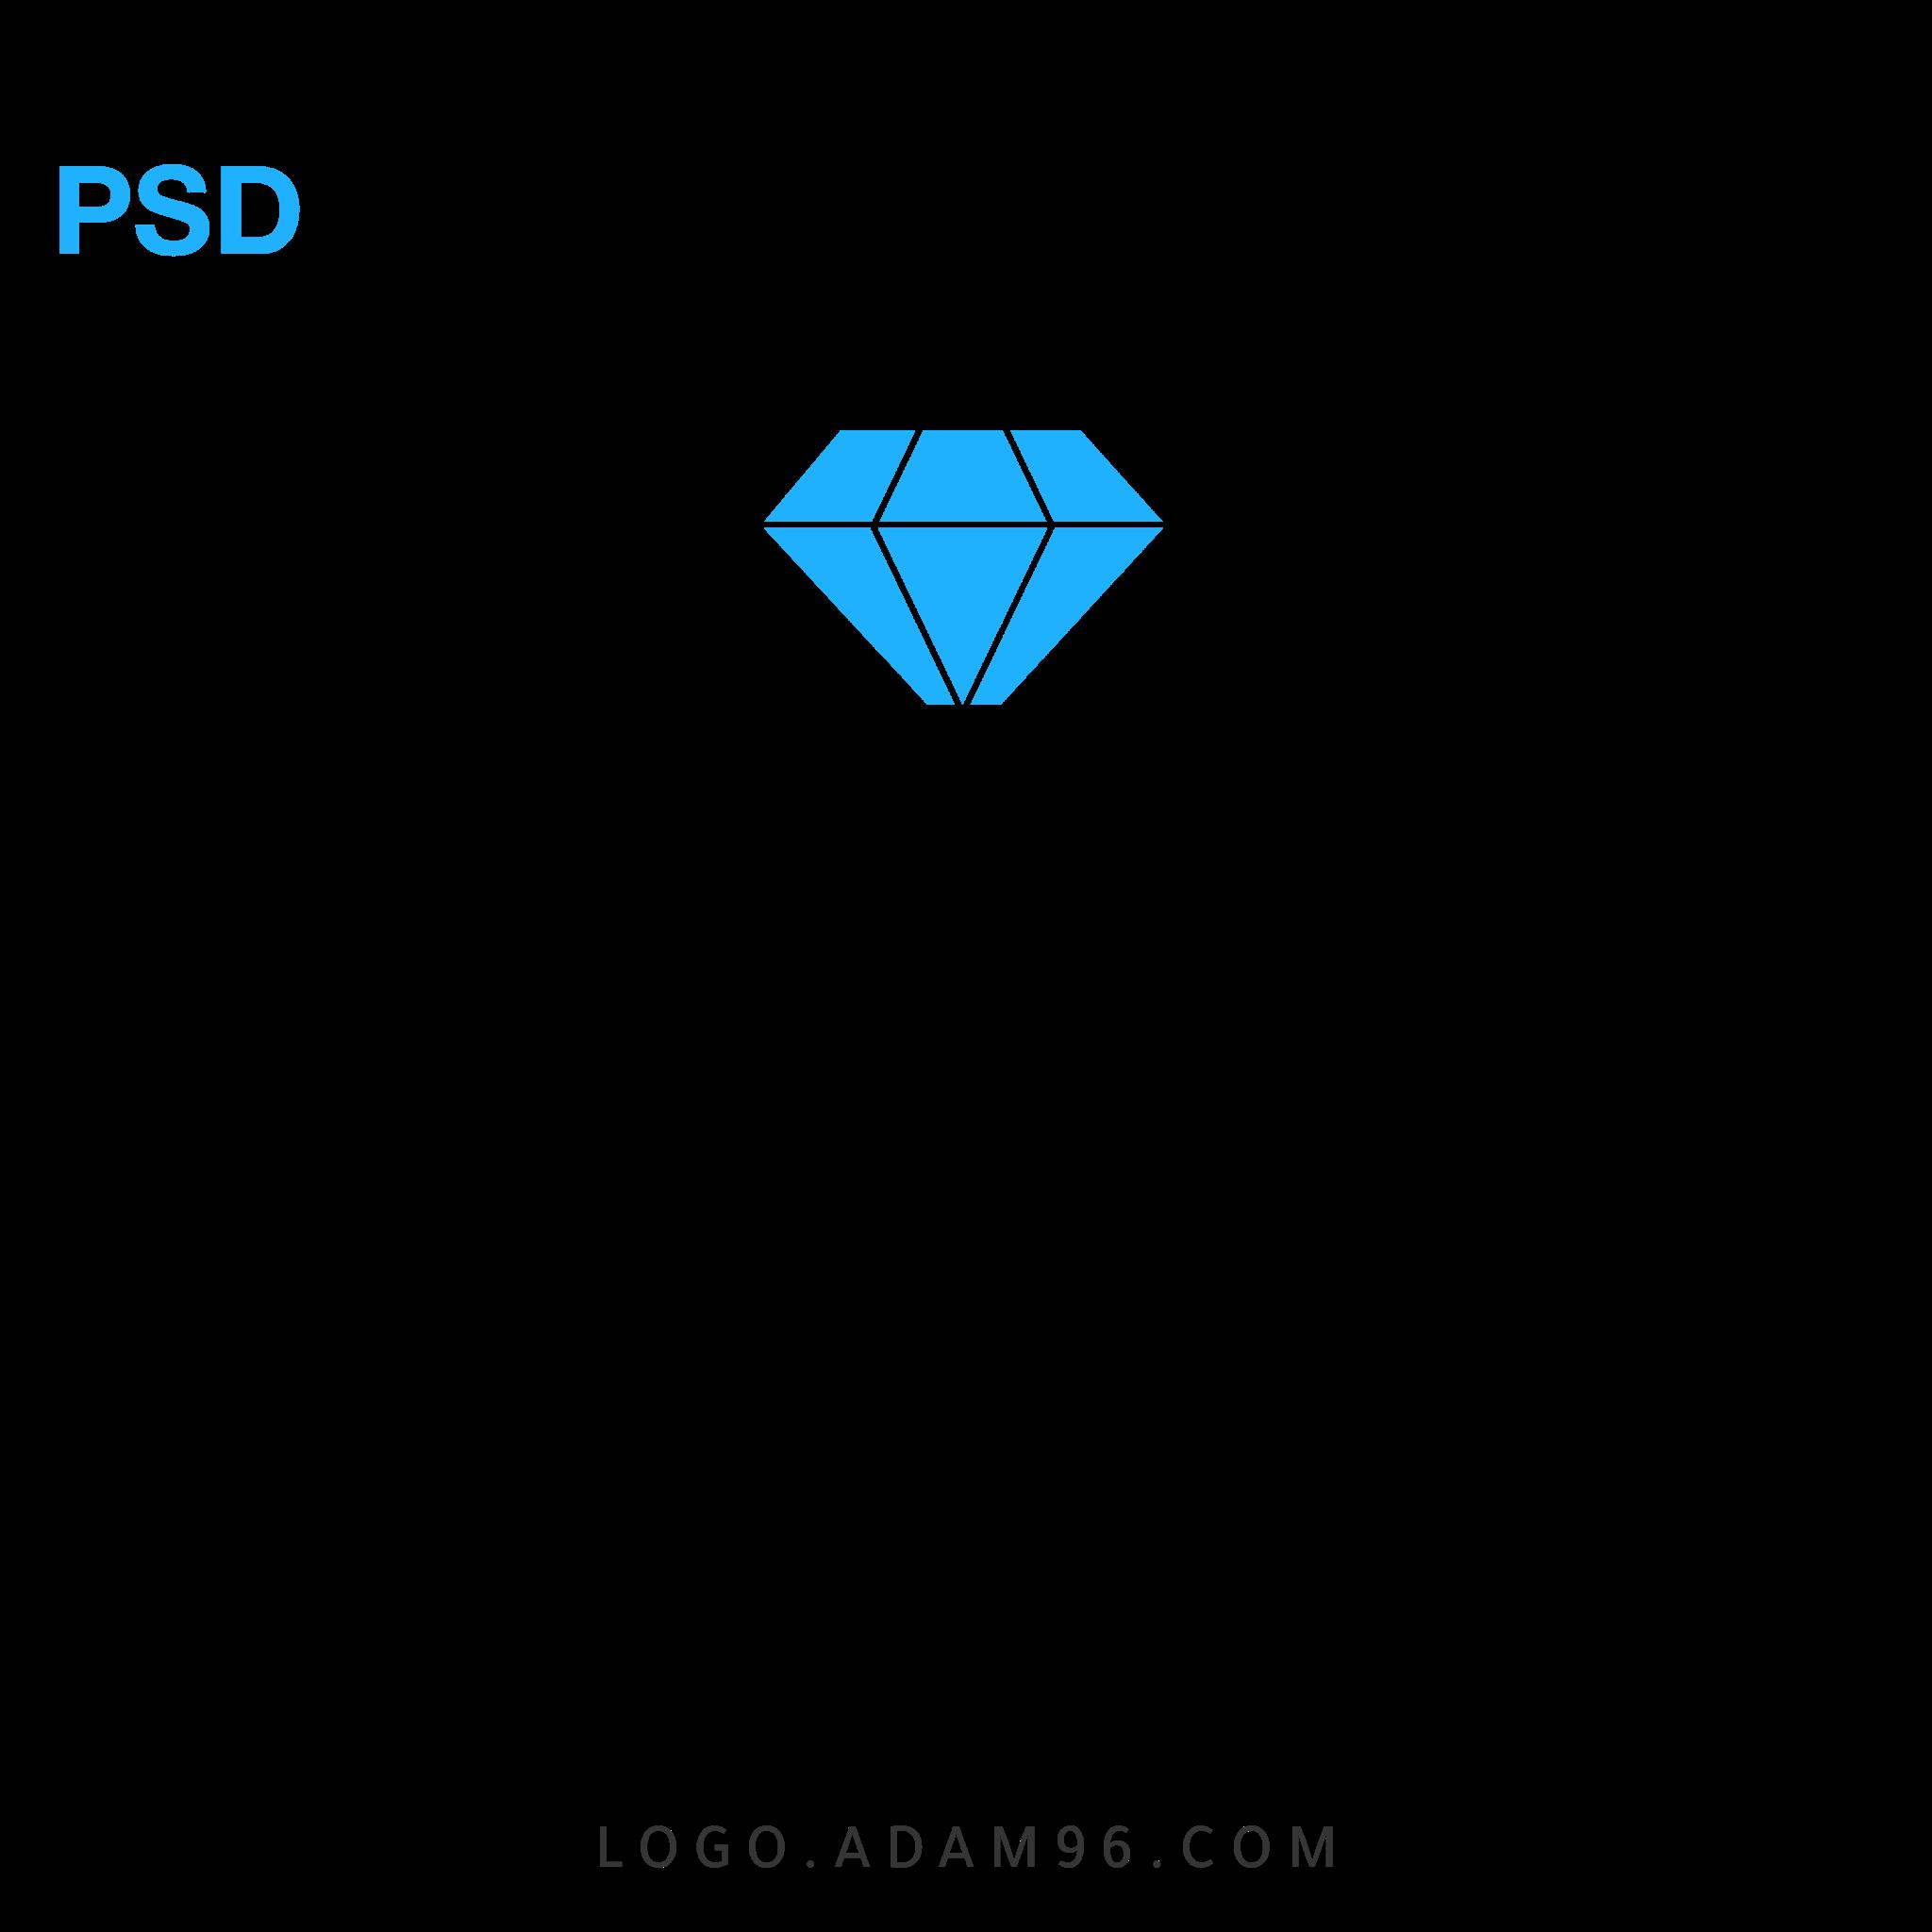 تحميل شعار مصور افراح بدون حقوق لوجو مجاناً بصيغة PSD